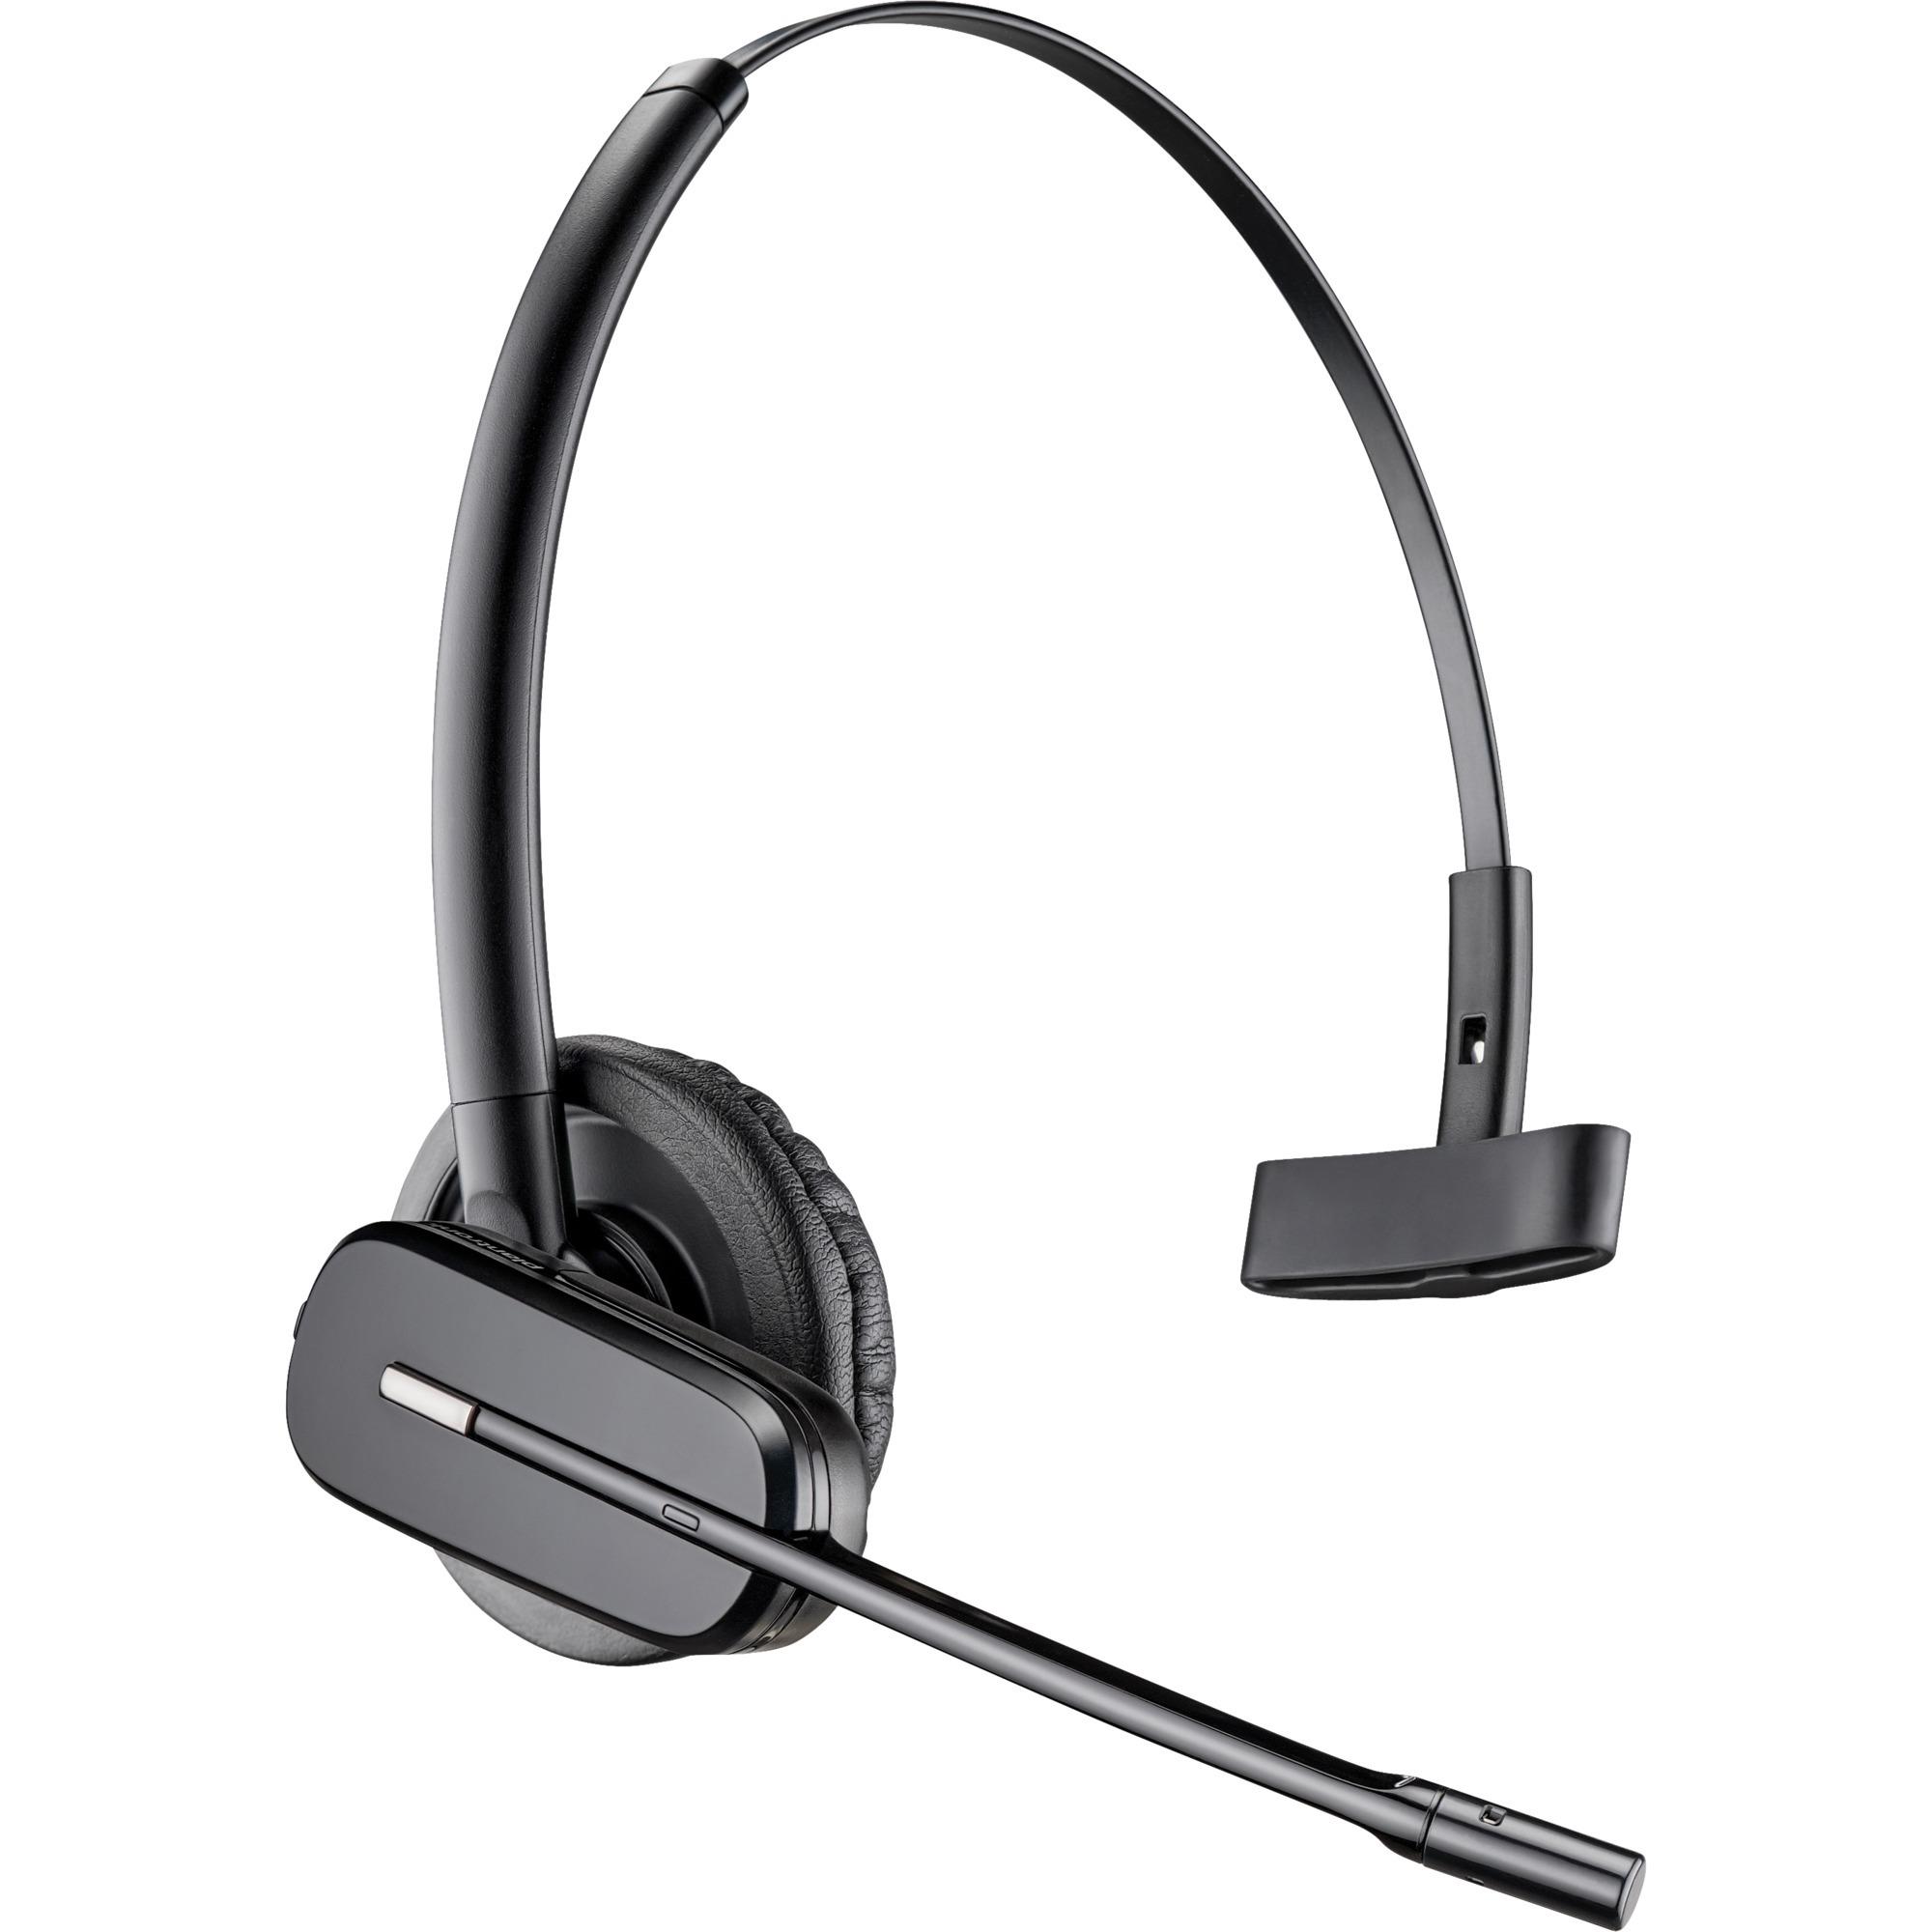 C565 gancho de oreja, Diadema Monoaural Inalámbrico Negro auriculares para móvil, Auriculares con micrófono